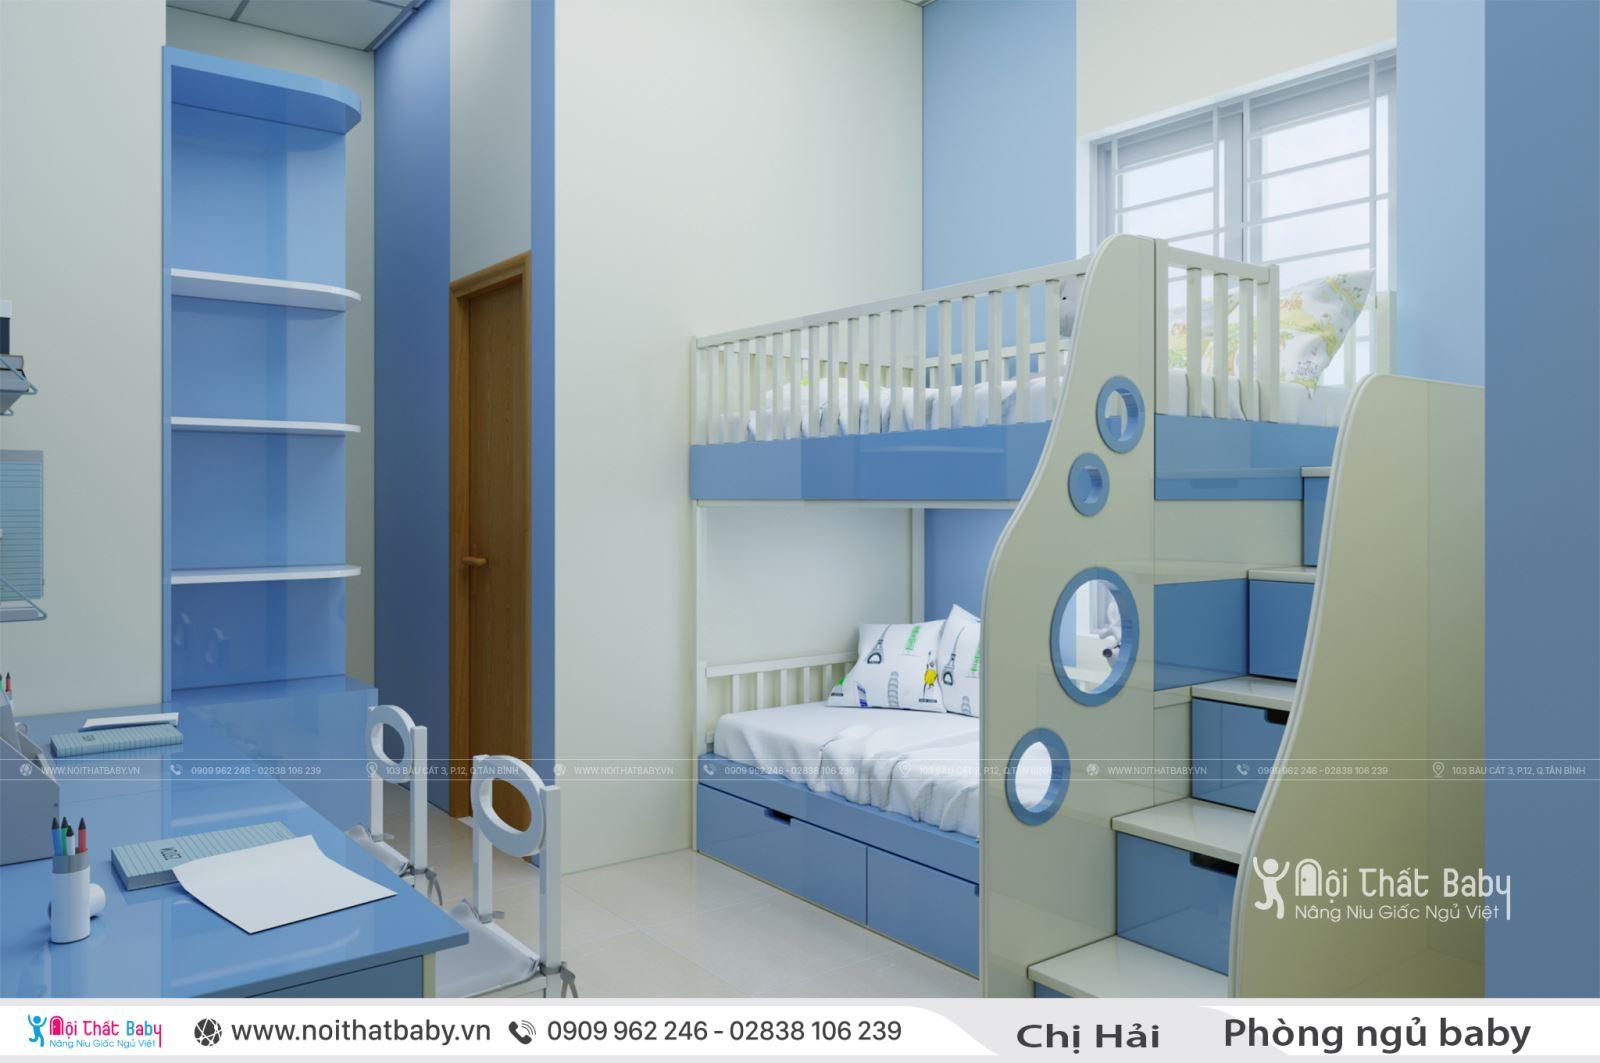 Nội thất phòng ngủ baby siêu đáng yêu